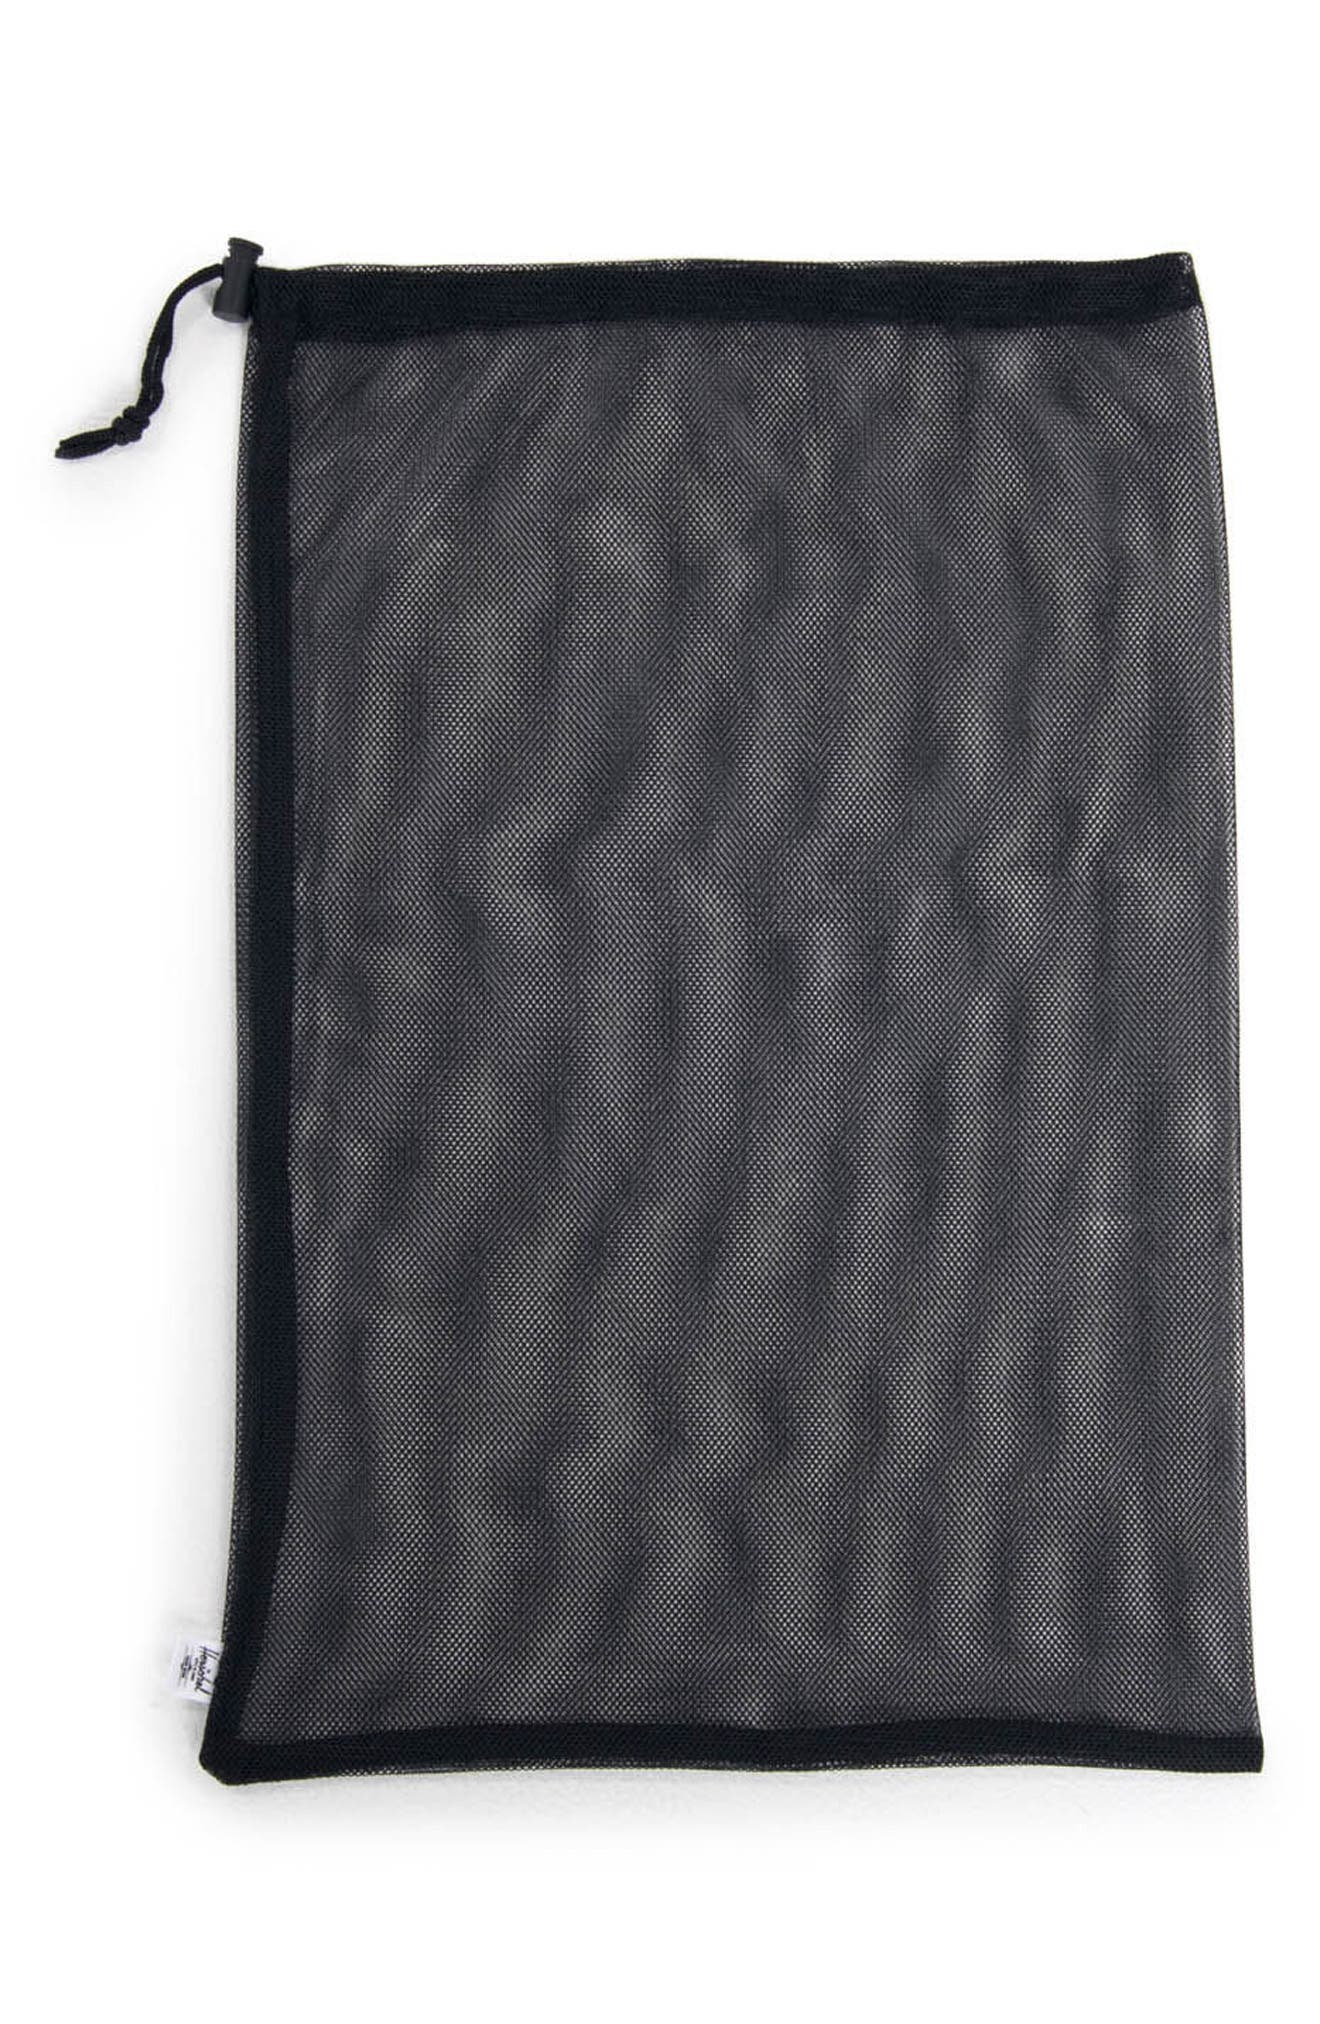 Laundry Bag Set,                             Alternate thumbnail 3, color,                             BLACK